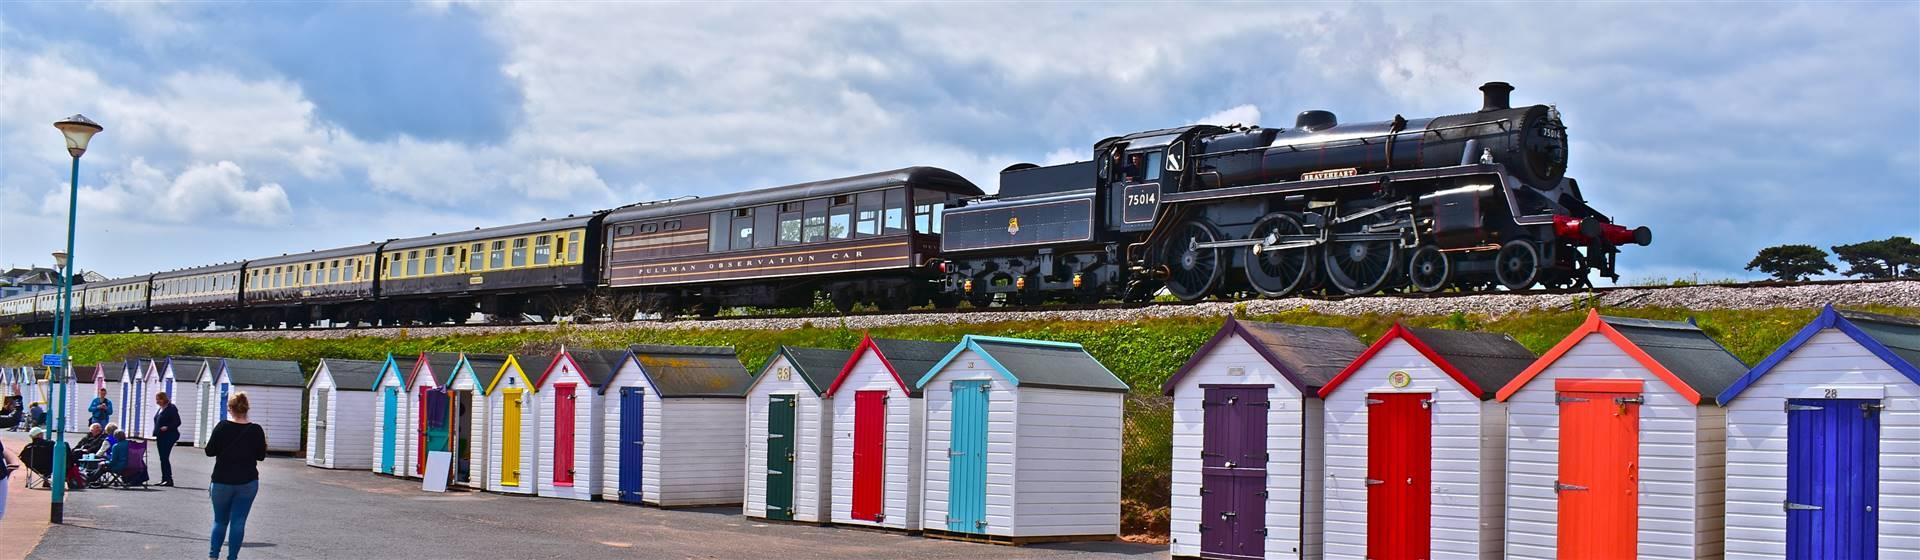 """<img src=""""sseer2021-shutterstock_1399307693.jpeg"""" alt=""""Dartmouth Steam Railway""""/>"""